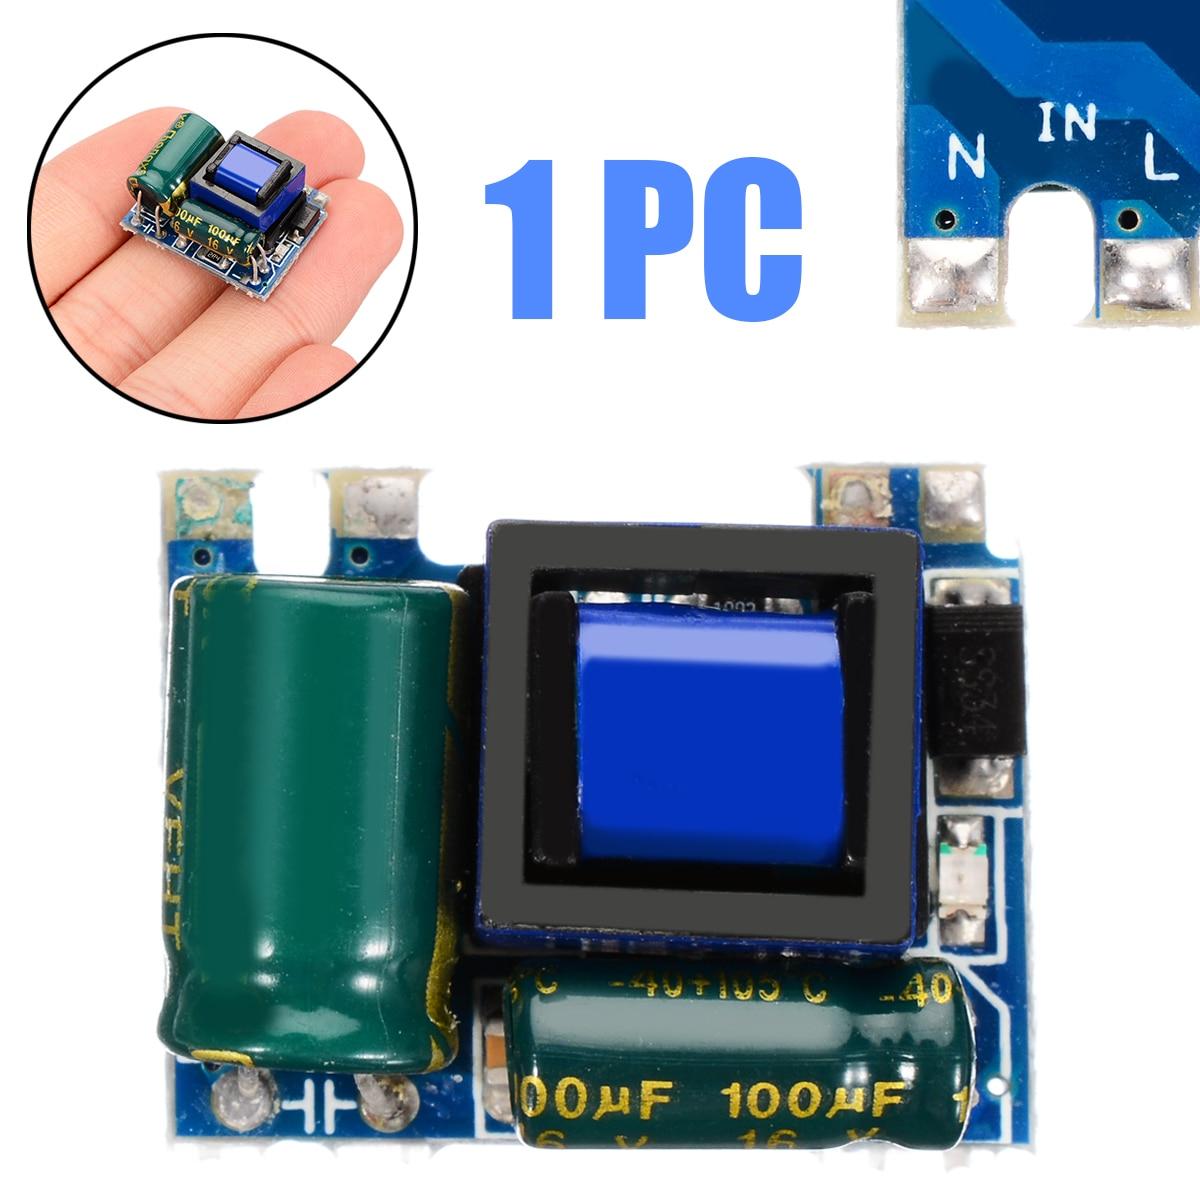 Nuevo 23,5x16x13,5mm AC-DC convertidor 110 V 220 V 230 V a 5 V aislado de conmutación fuente de alimentación AC-DC módulo de potencia